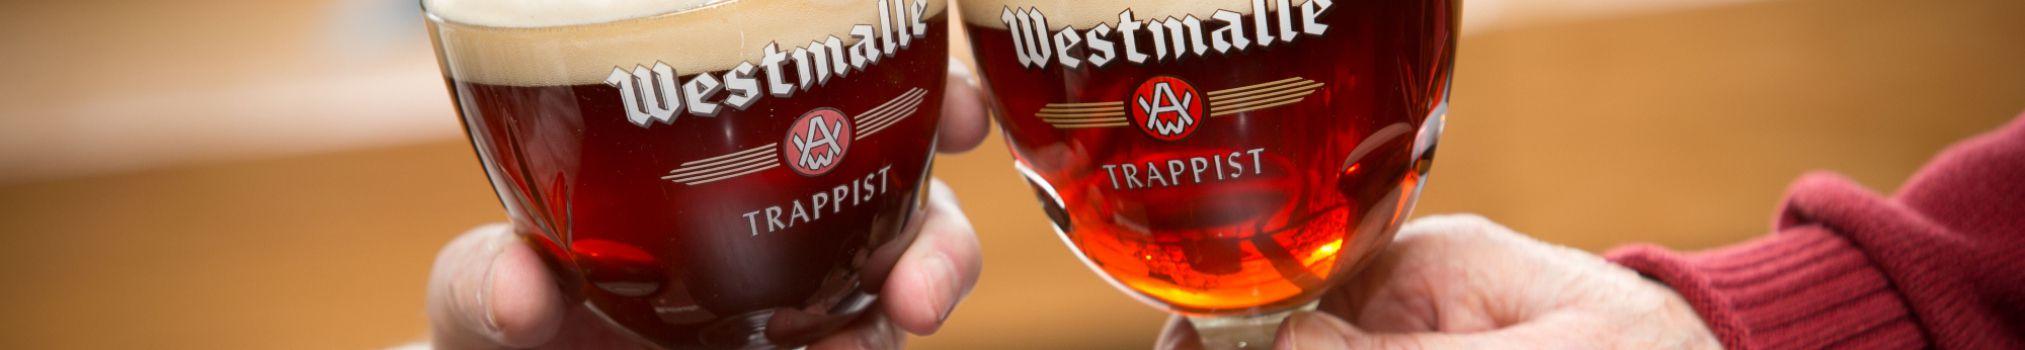 Westmalle Dubbel, bière trappiste double